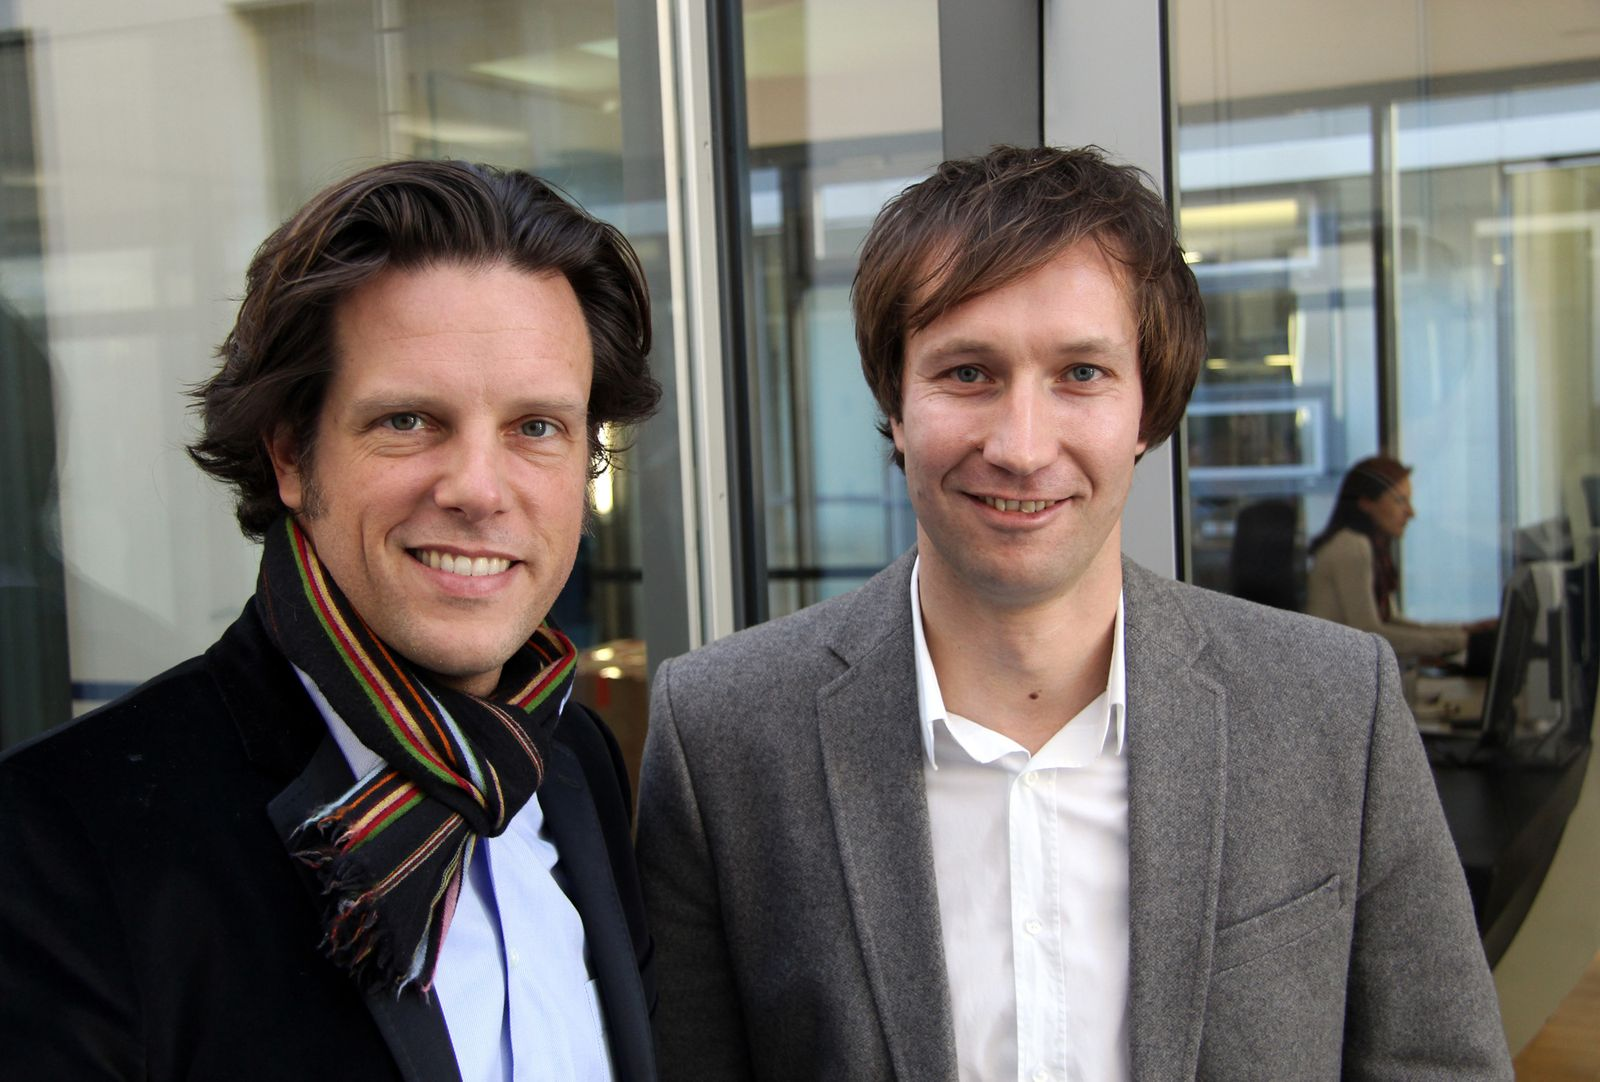 Florian Haller - Inhaber Agentur Serviceplan / Markus Noder - Li